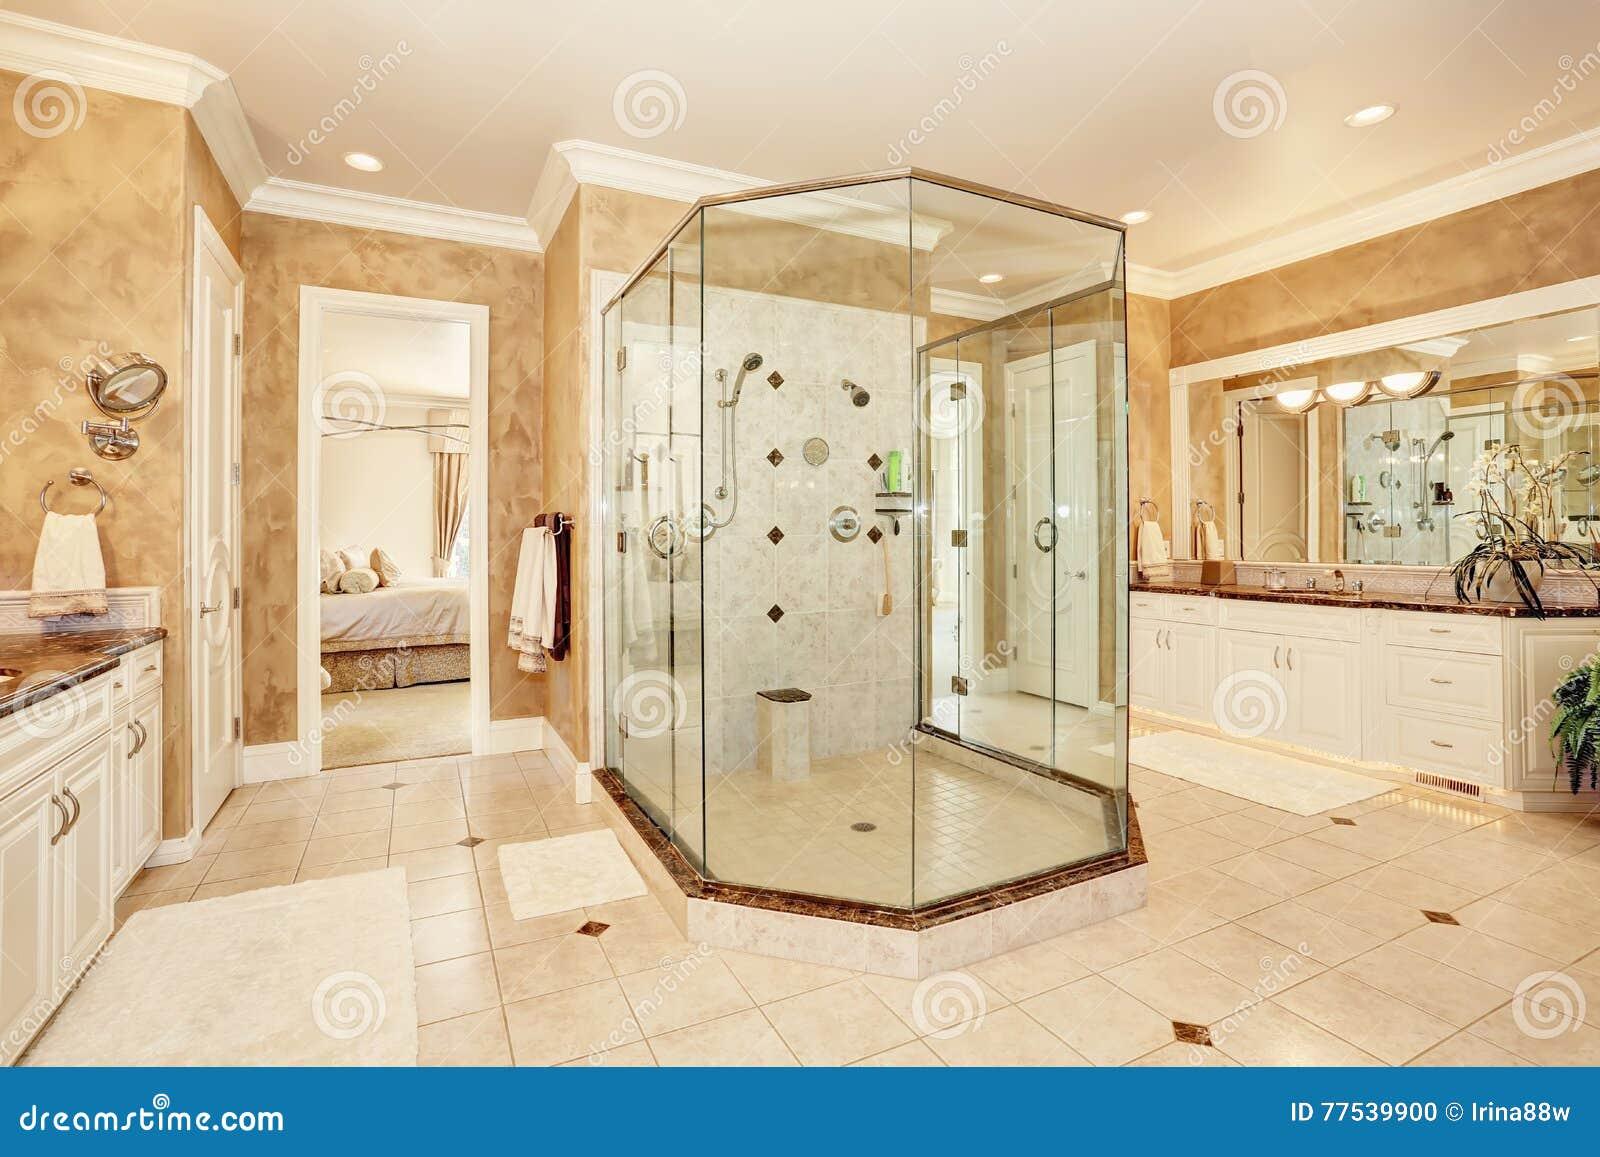 Piękny Luksusu Marmuru łazienki Wnętrze W Beżowym Kolorze